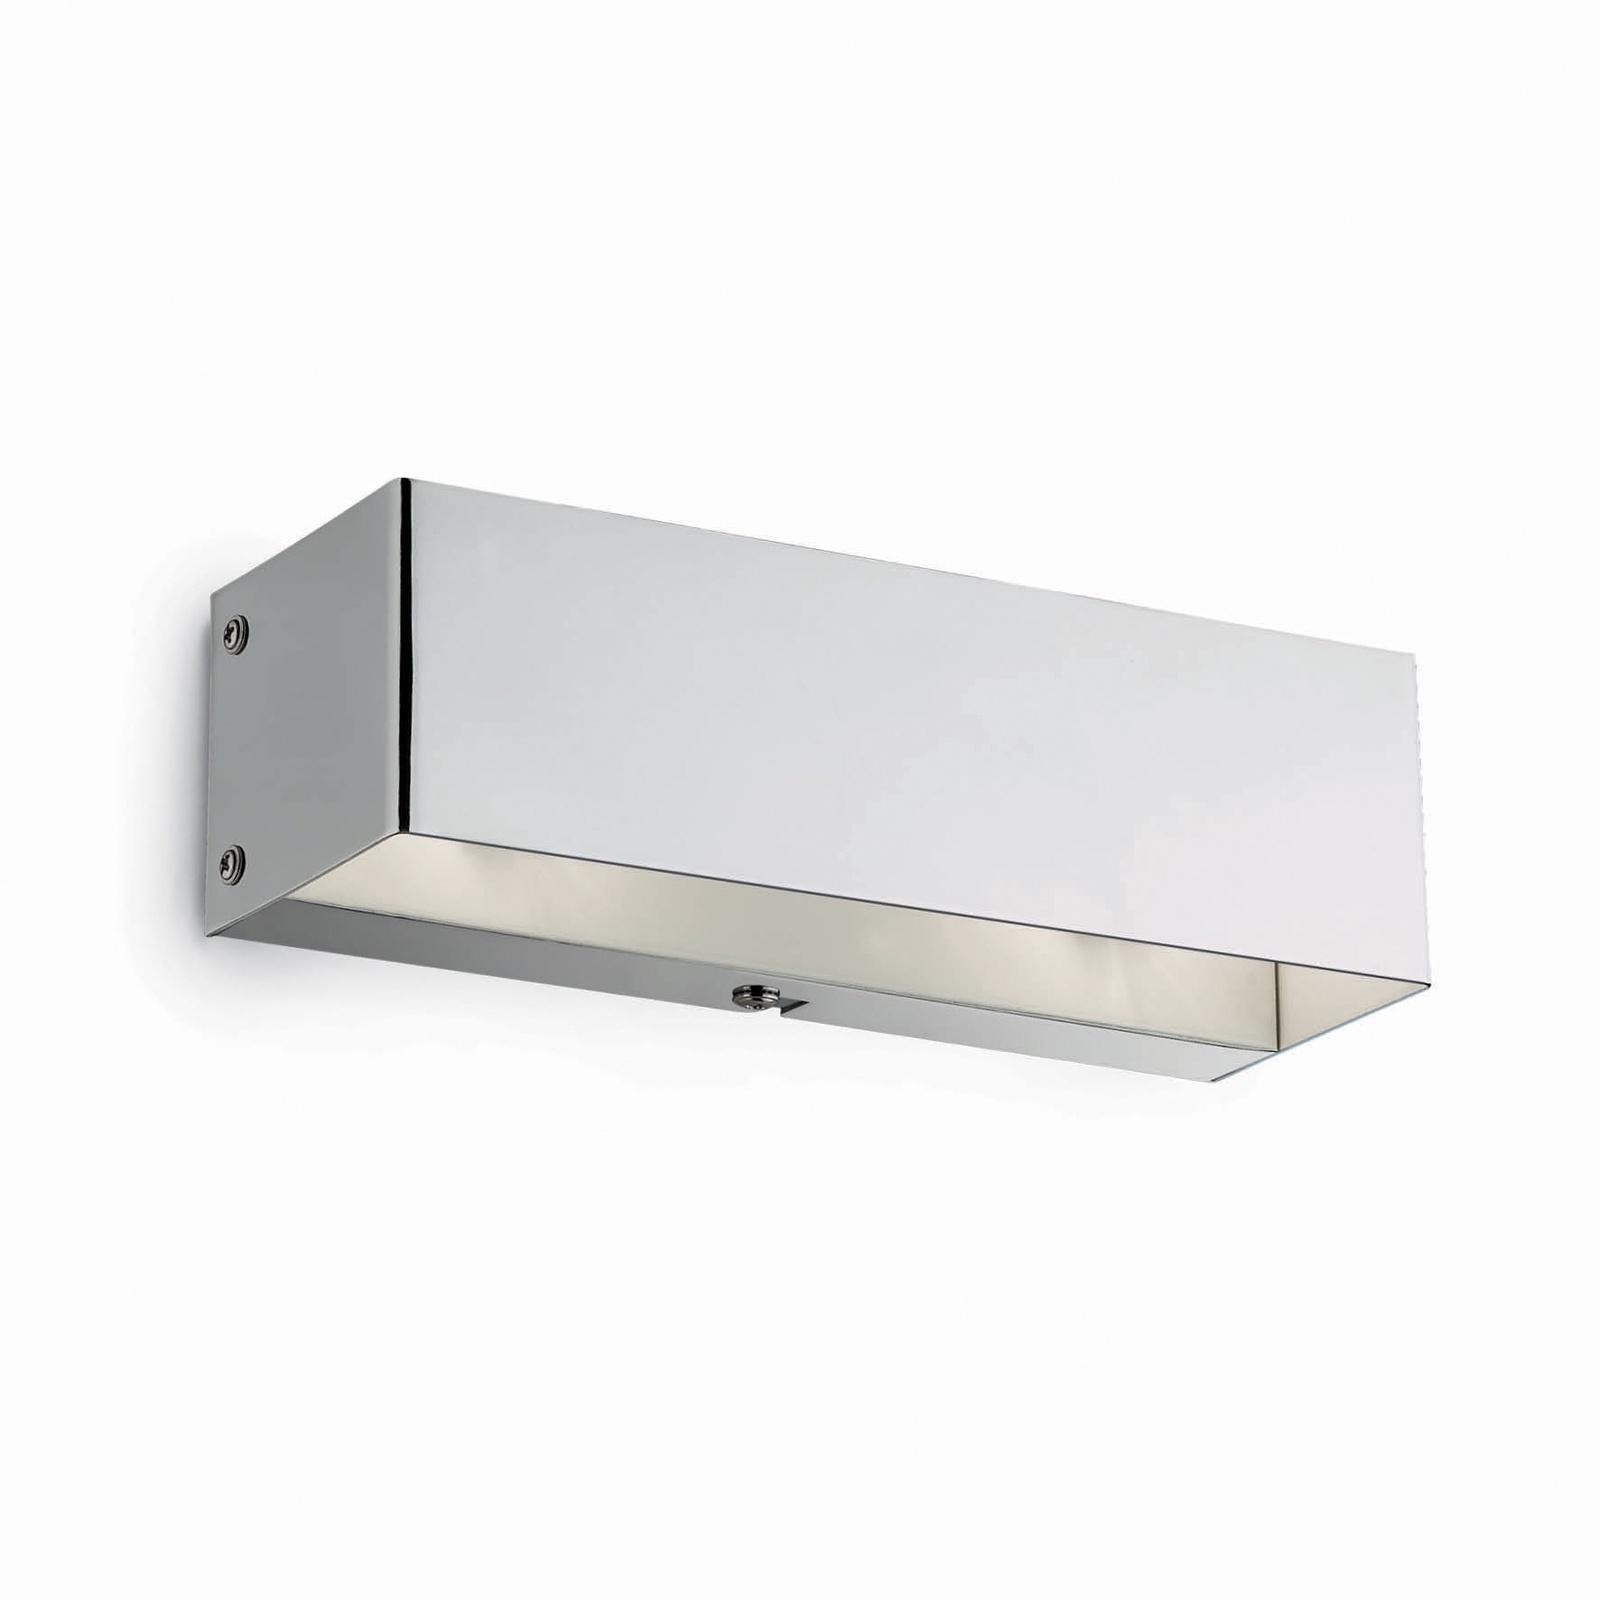 Настенный светильник Ideal Lux AP2 CROMO светильник ideal lux cono cono sp4 cromo